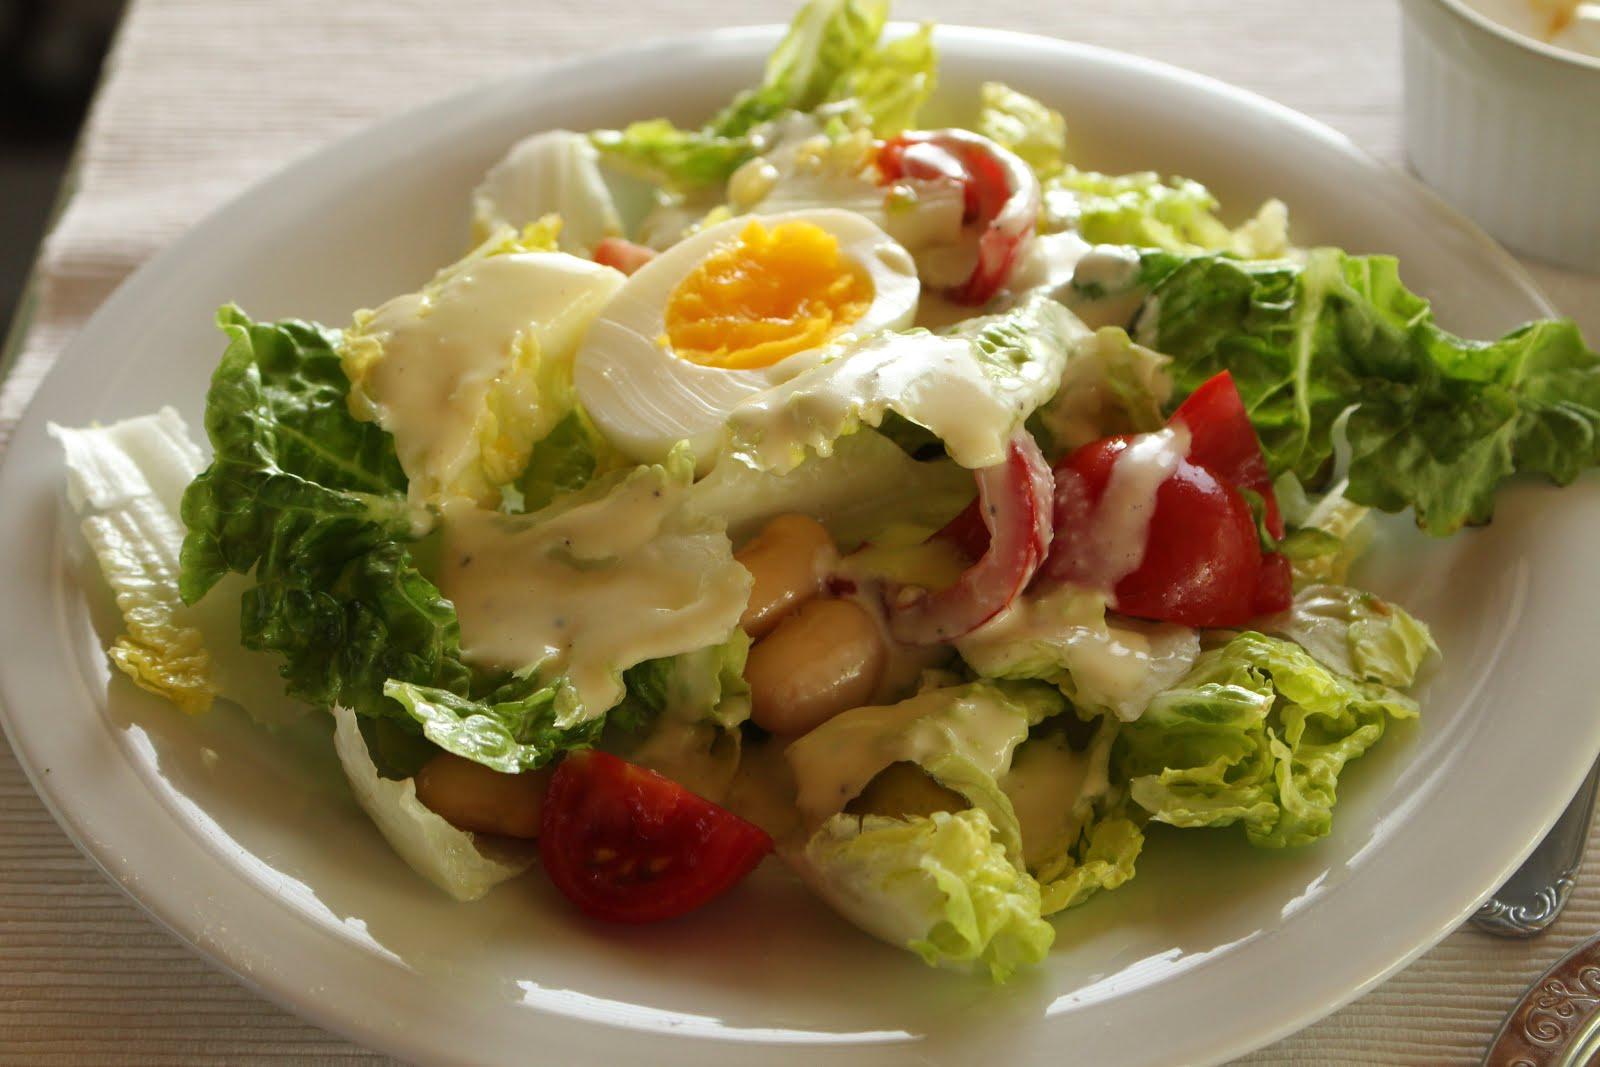 Wochenplan für eine Alltagswoche mit wenig Zeit - sieben sommerliche Gerichte und zwei Torten